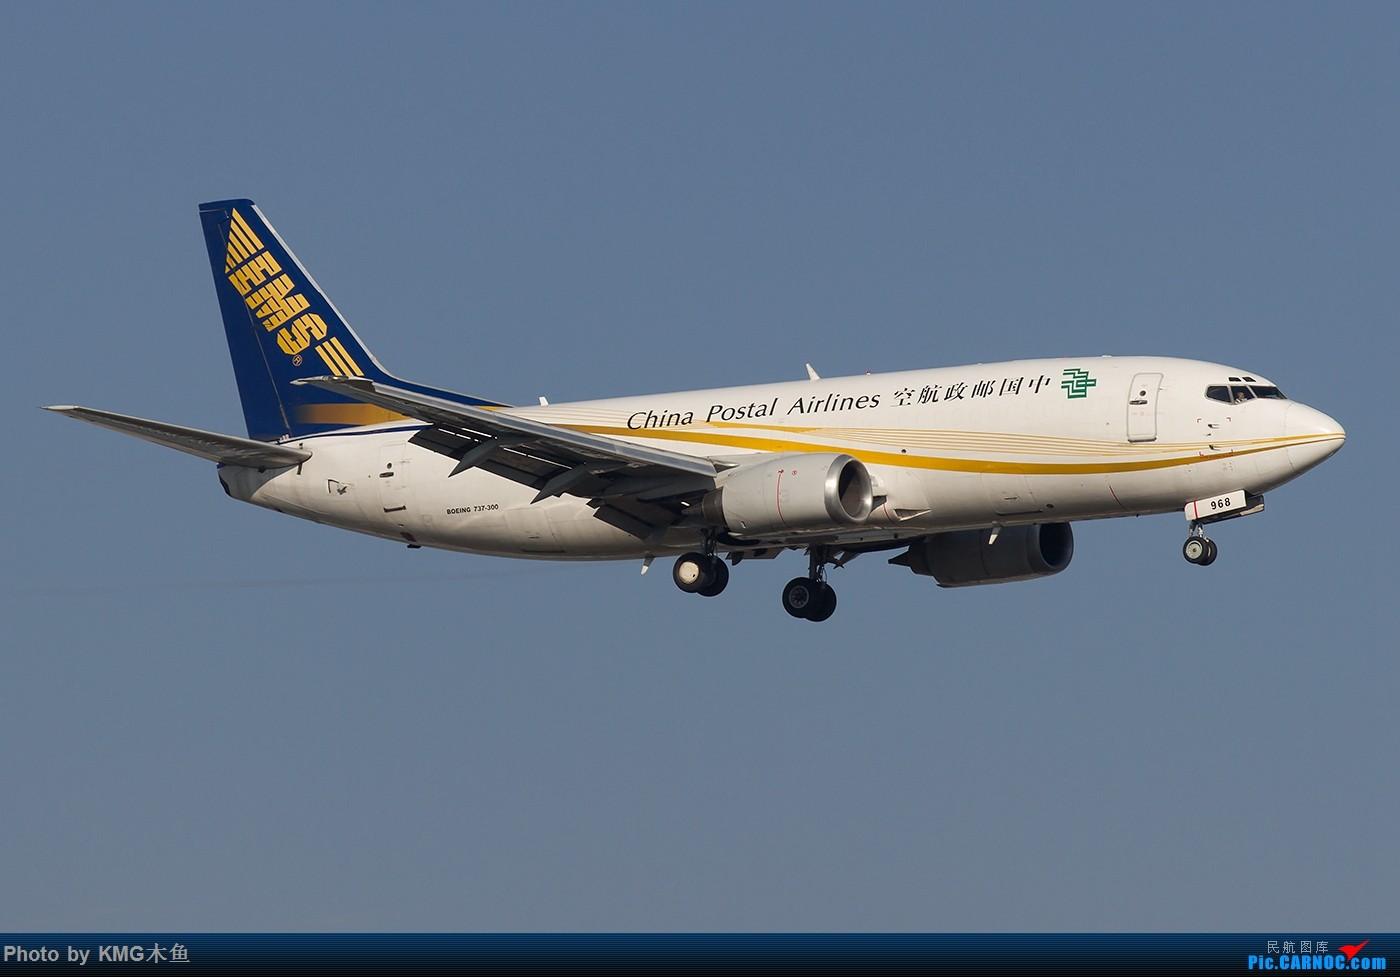 [原创]【昆明长水国际机场-KMG木鱼拍机】啥时候能晴天,我想拍飞机了 BOEING 737-300 B-2968 中国昆明长水国际机场